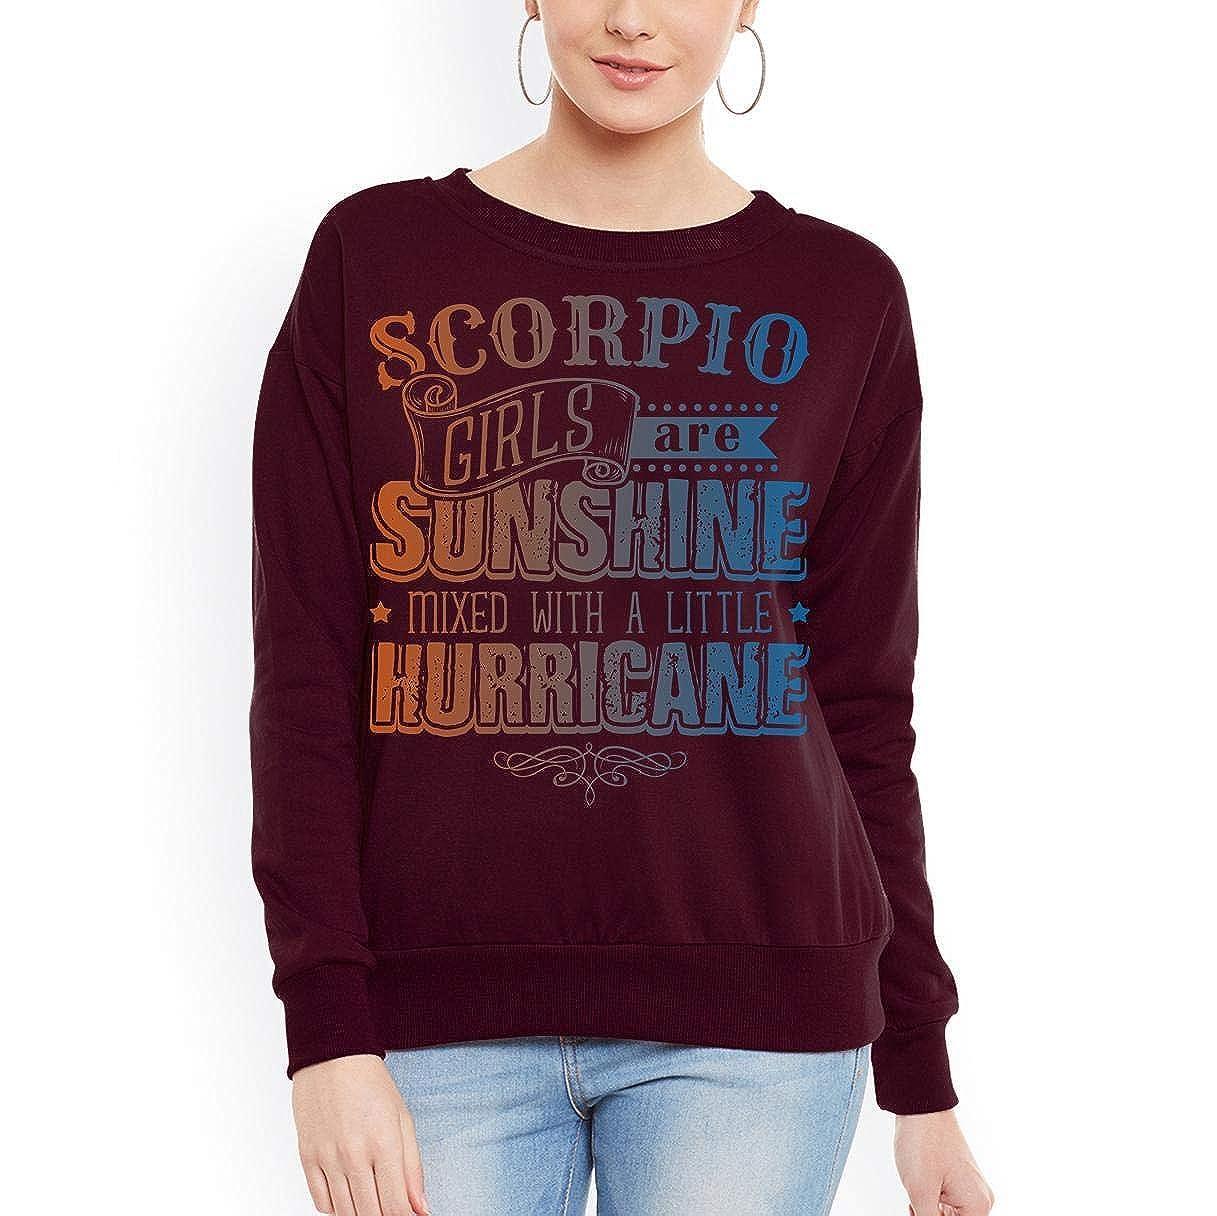 tee Scorpio Girls are Sunshine Mixed with Hurricane Women Sweatshirt